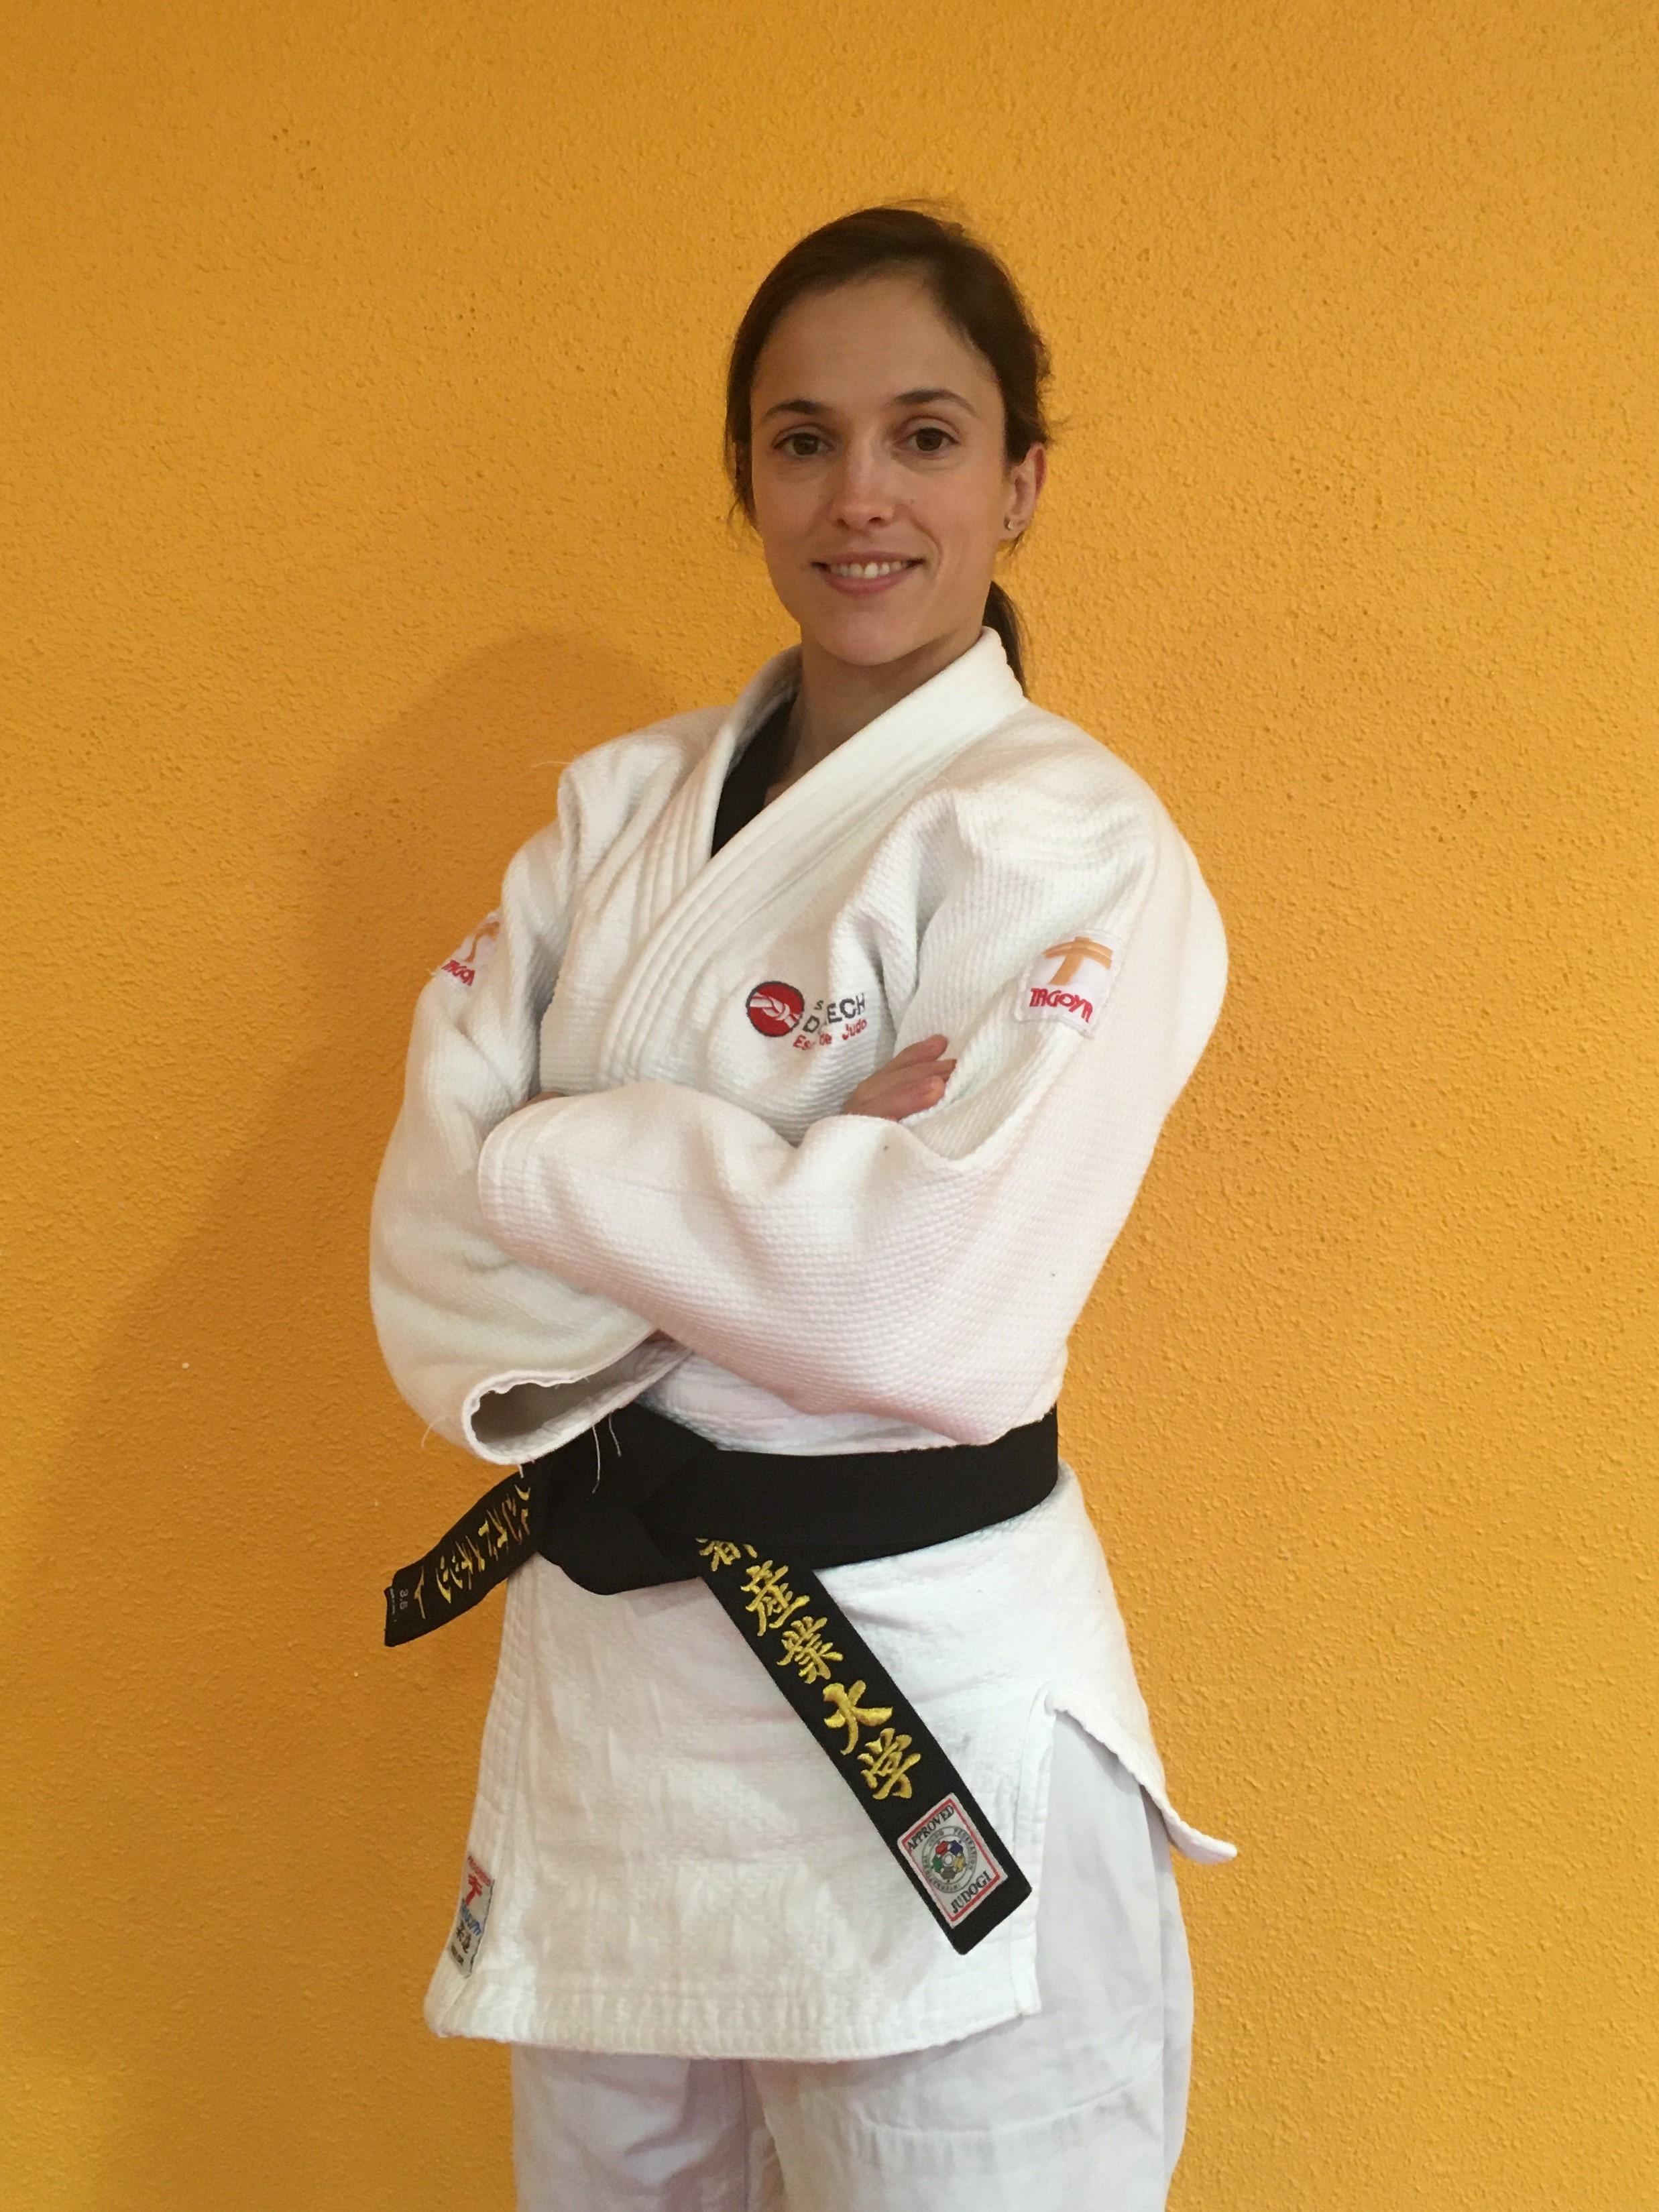 Laura Terrades